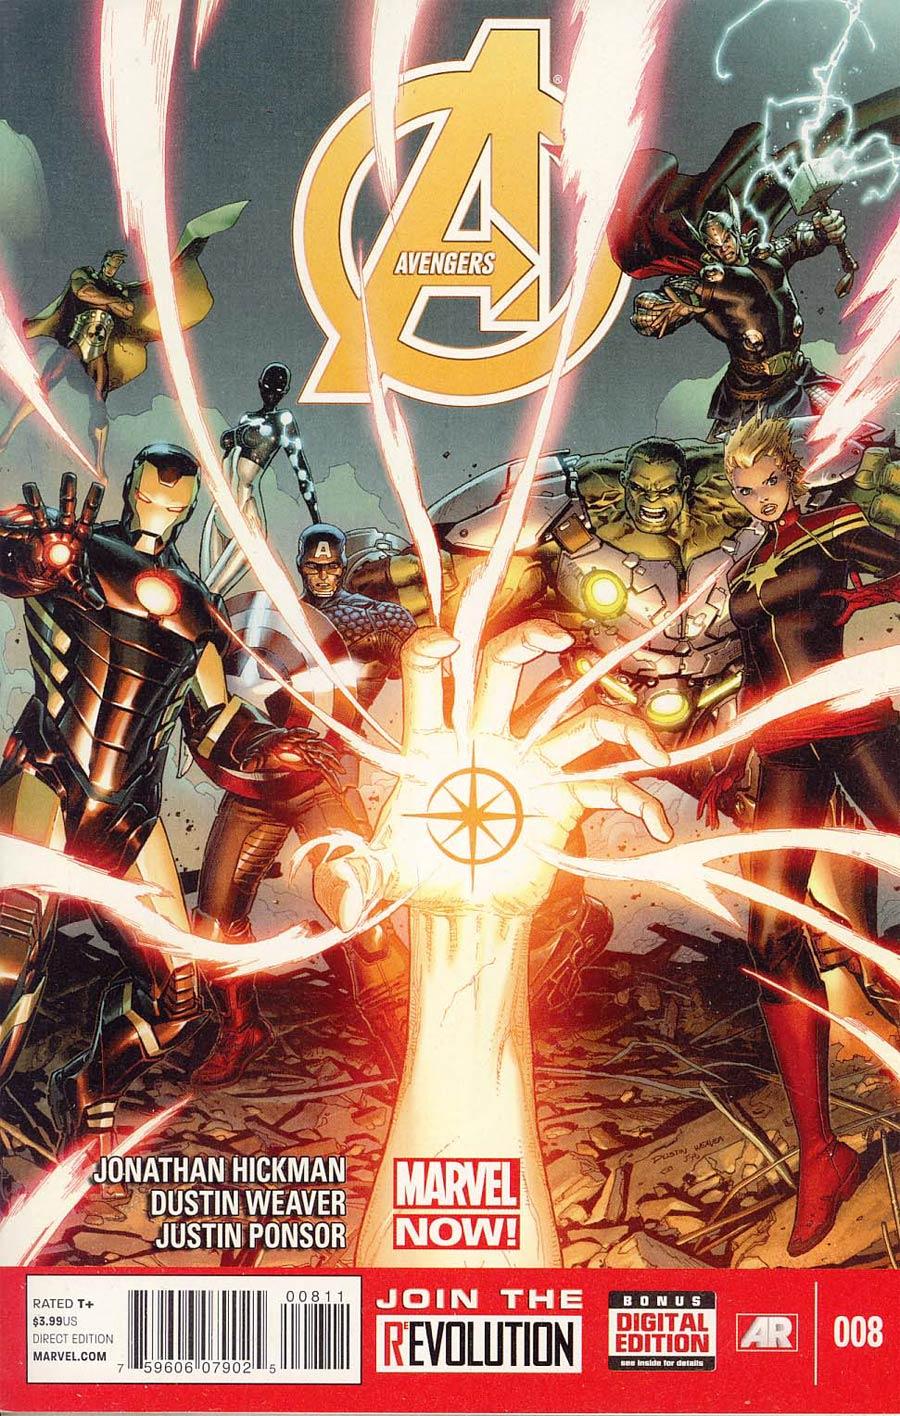 Avengers Vol 5 #8 Cover A Regular Dustin Weaver Cover